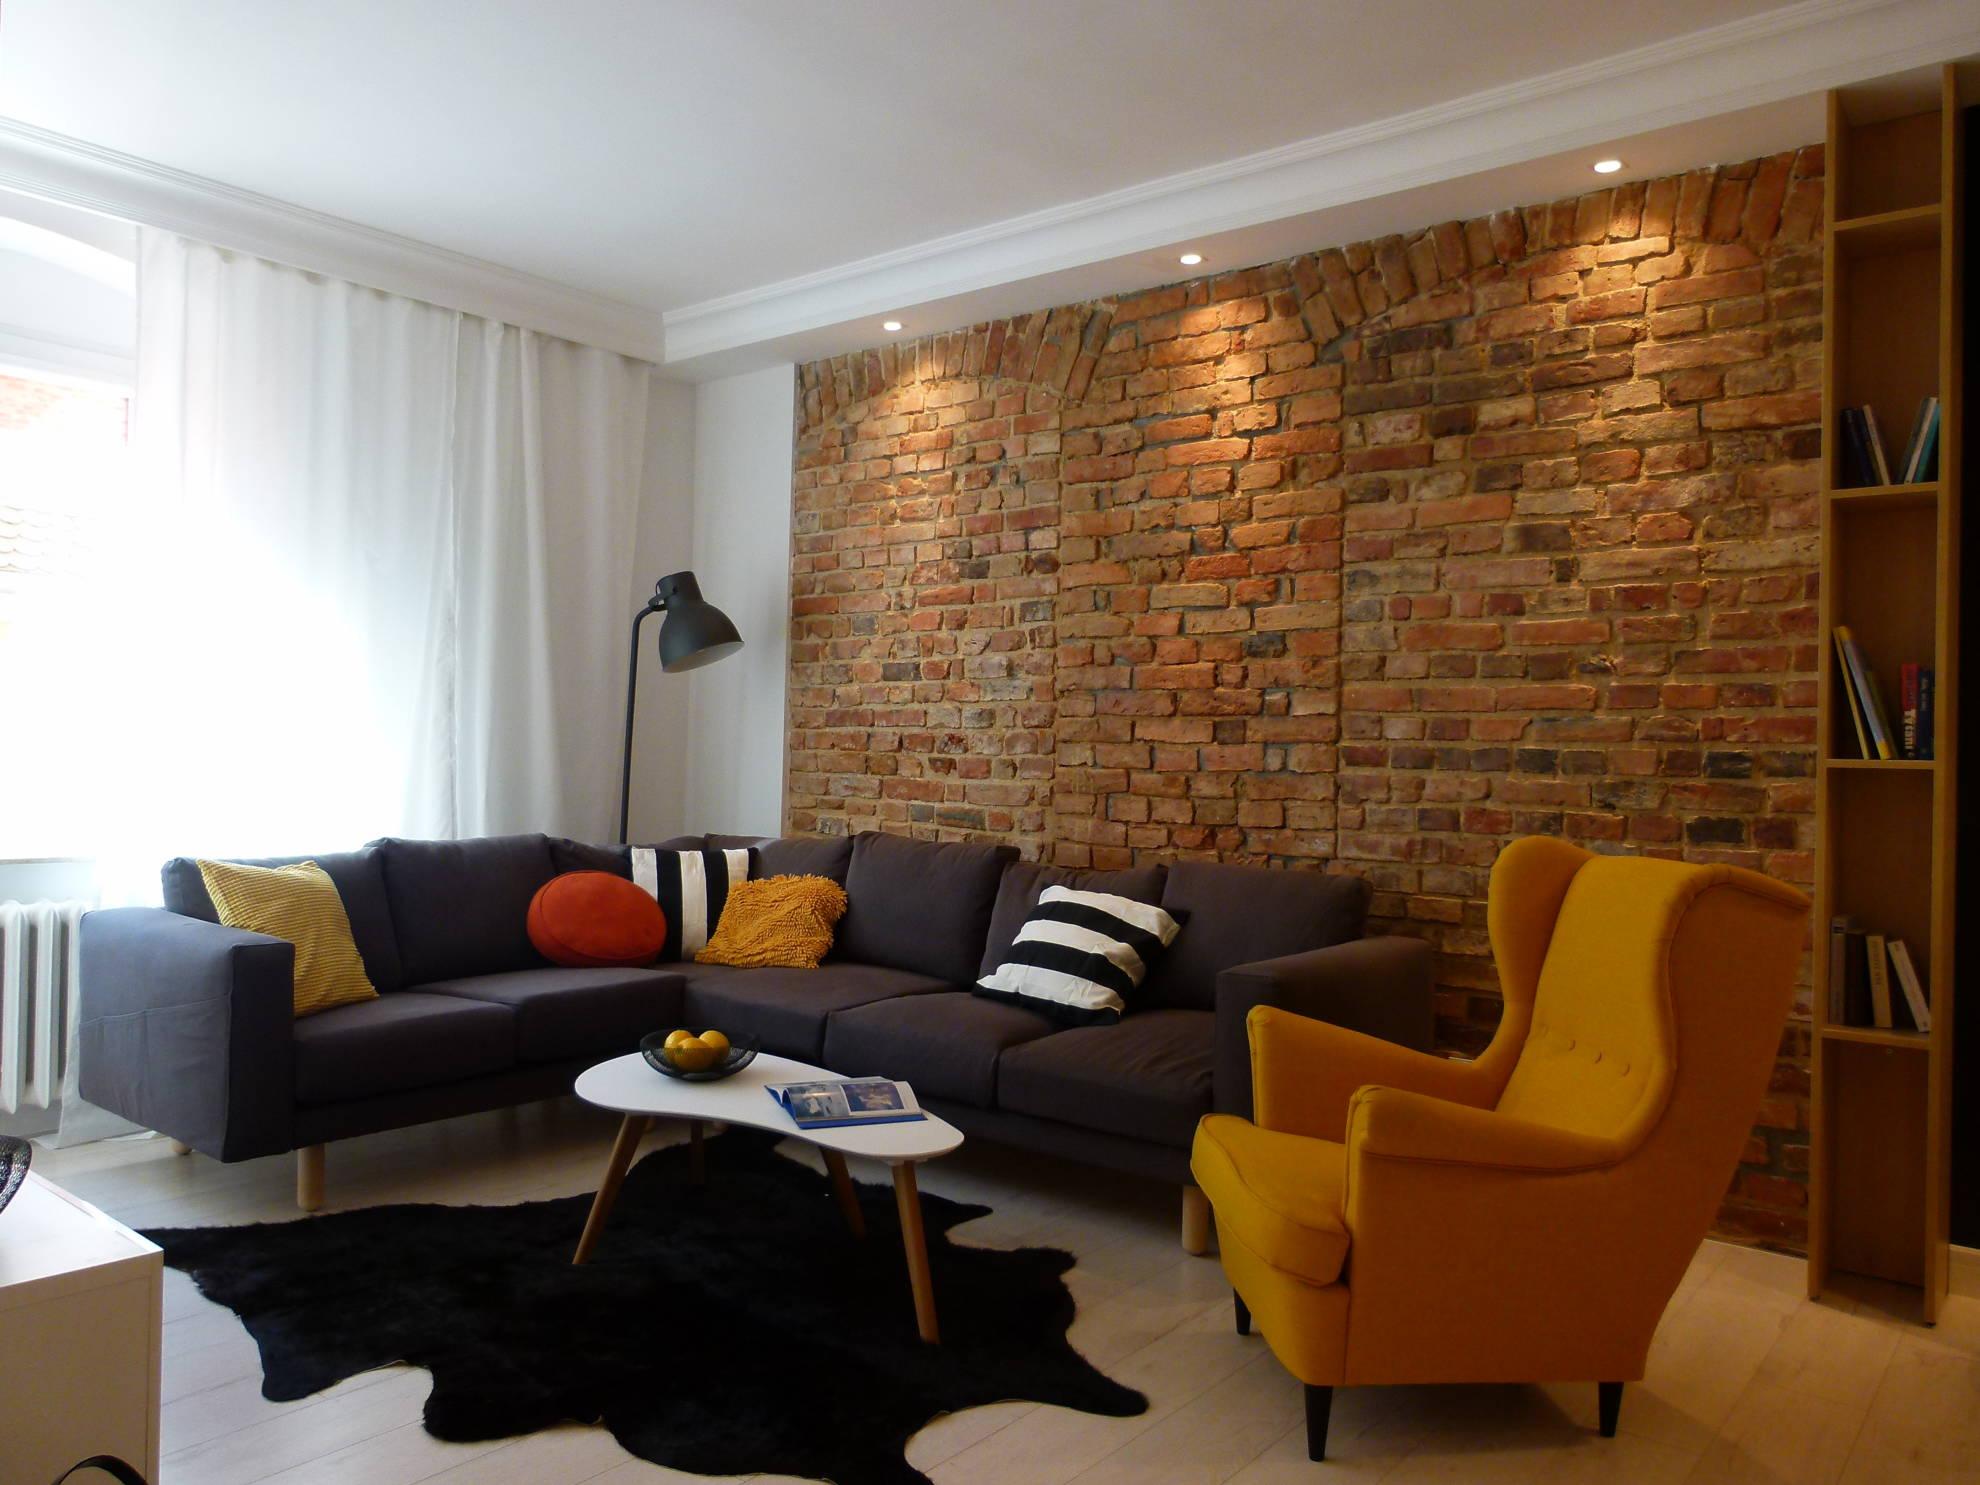 Aranżacja salonu - projekt architekt wnętrz Emilia Strzempek Plasun.